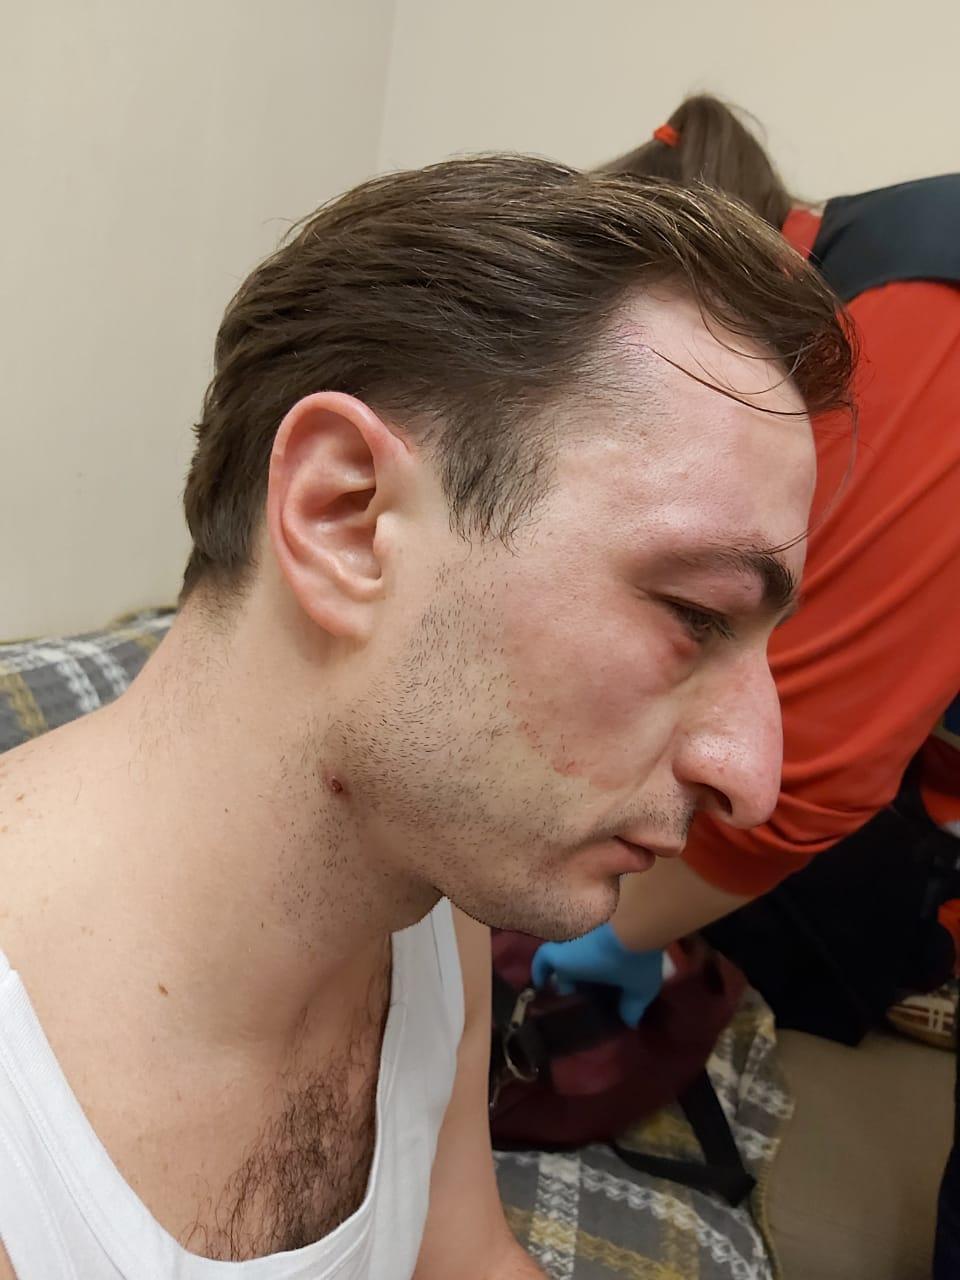 Нападение на главврача Института рака: камеры видеонаблюдения зафиксировали злоумышленников